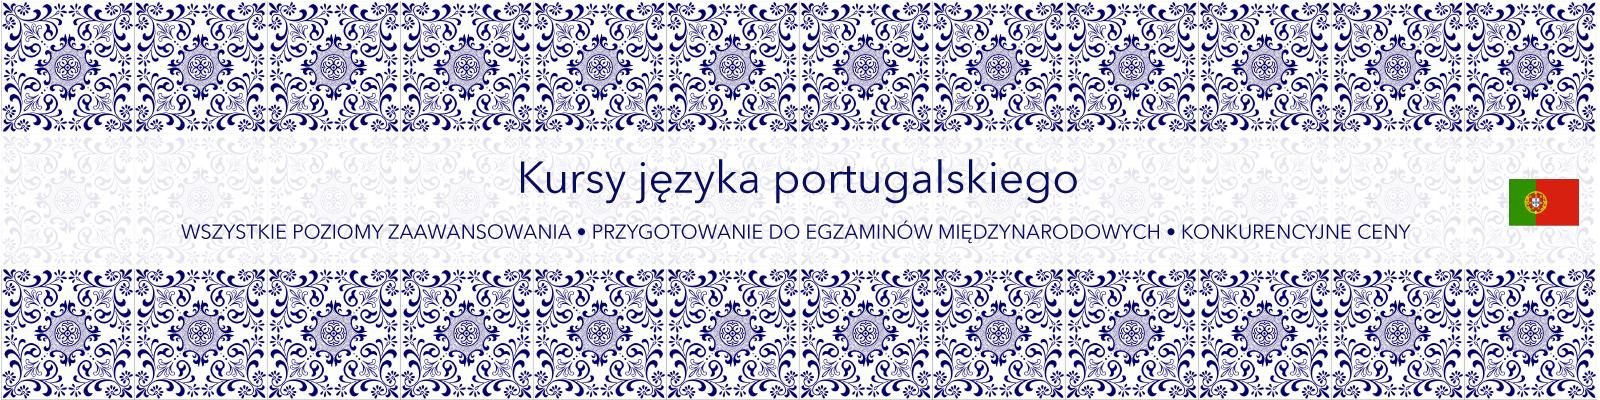 Kursy języka portugalskiego - zapisy na semestr letni